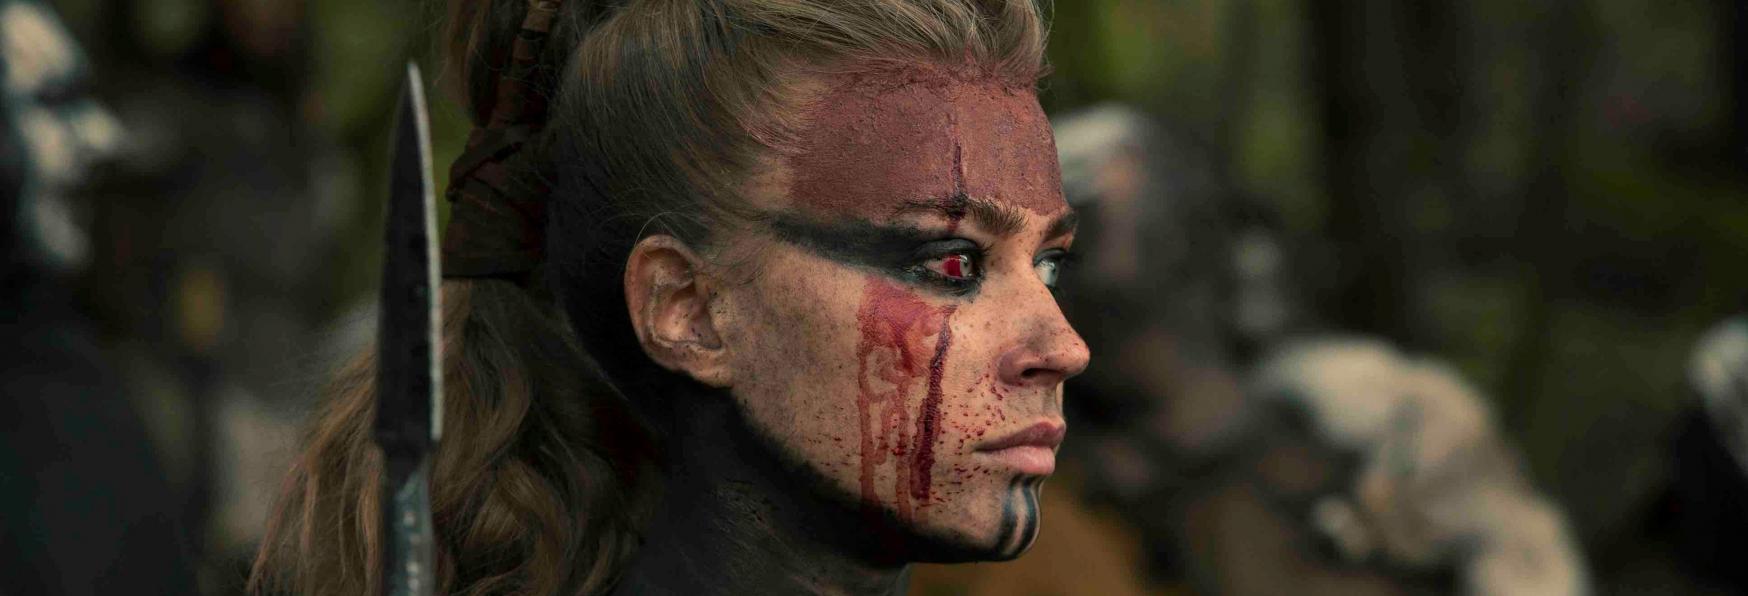 Barbari: Trama, Cast, Data, Trailer e altre Informazioni sulla nuova Serie TV di Netflix